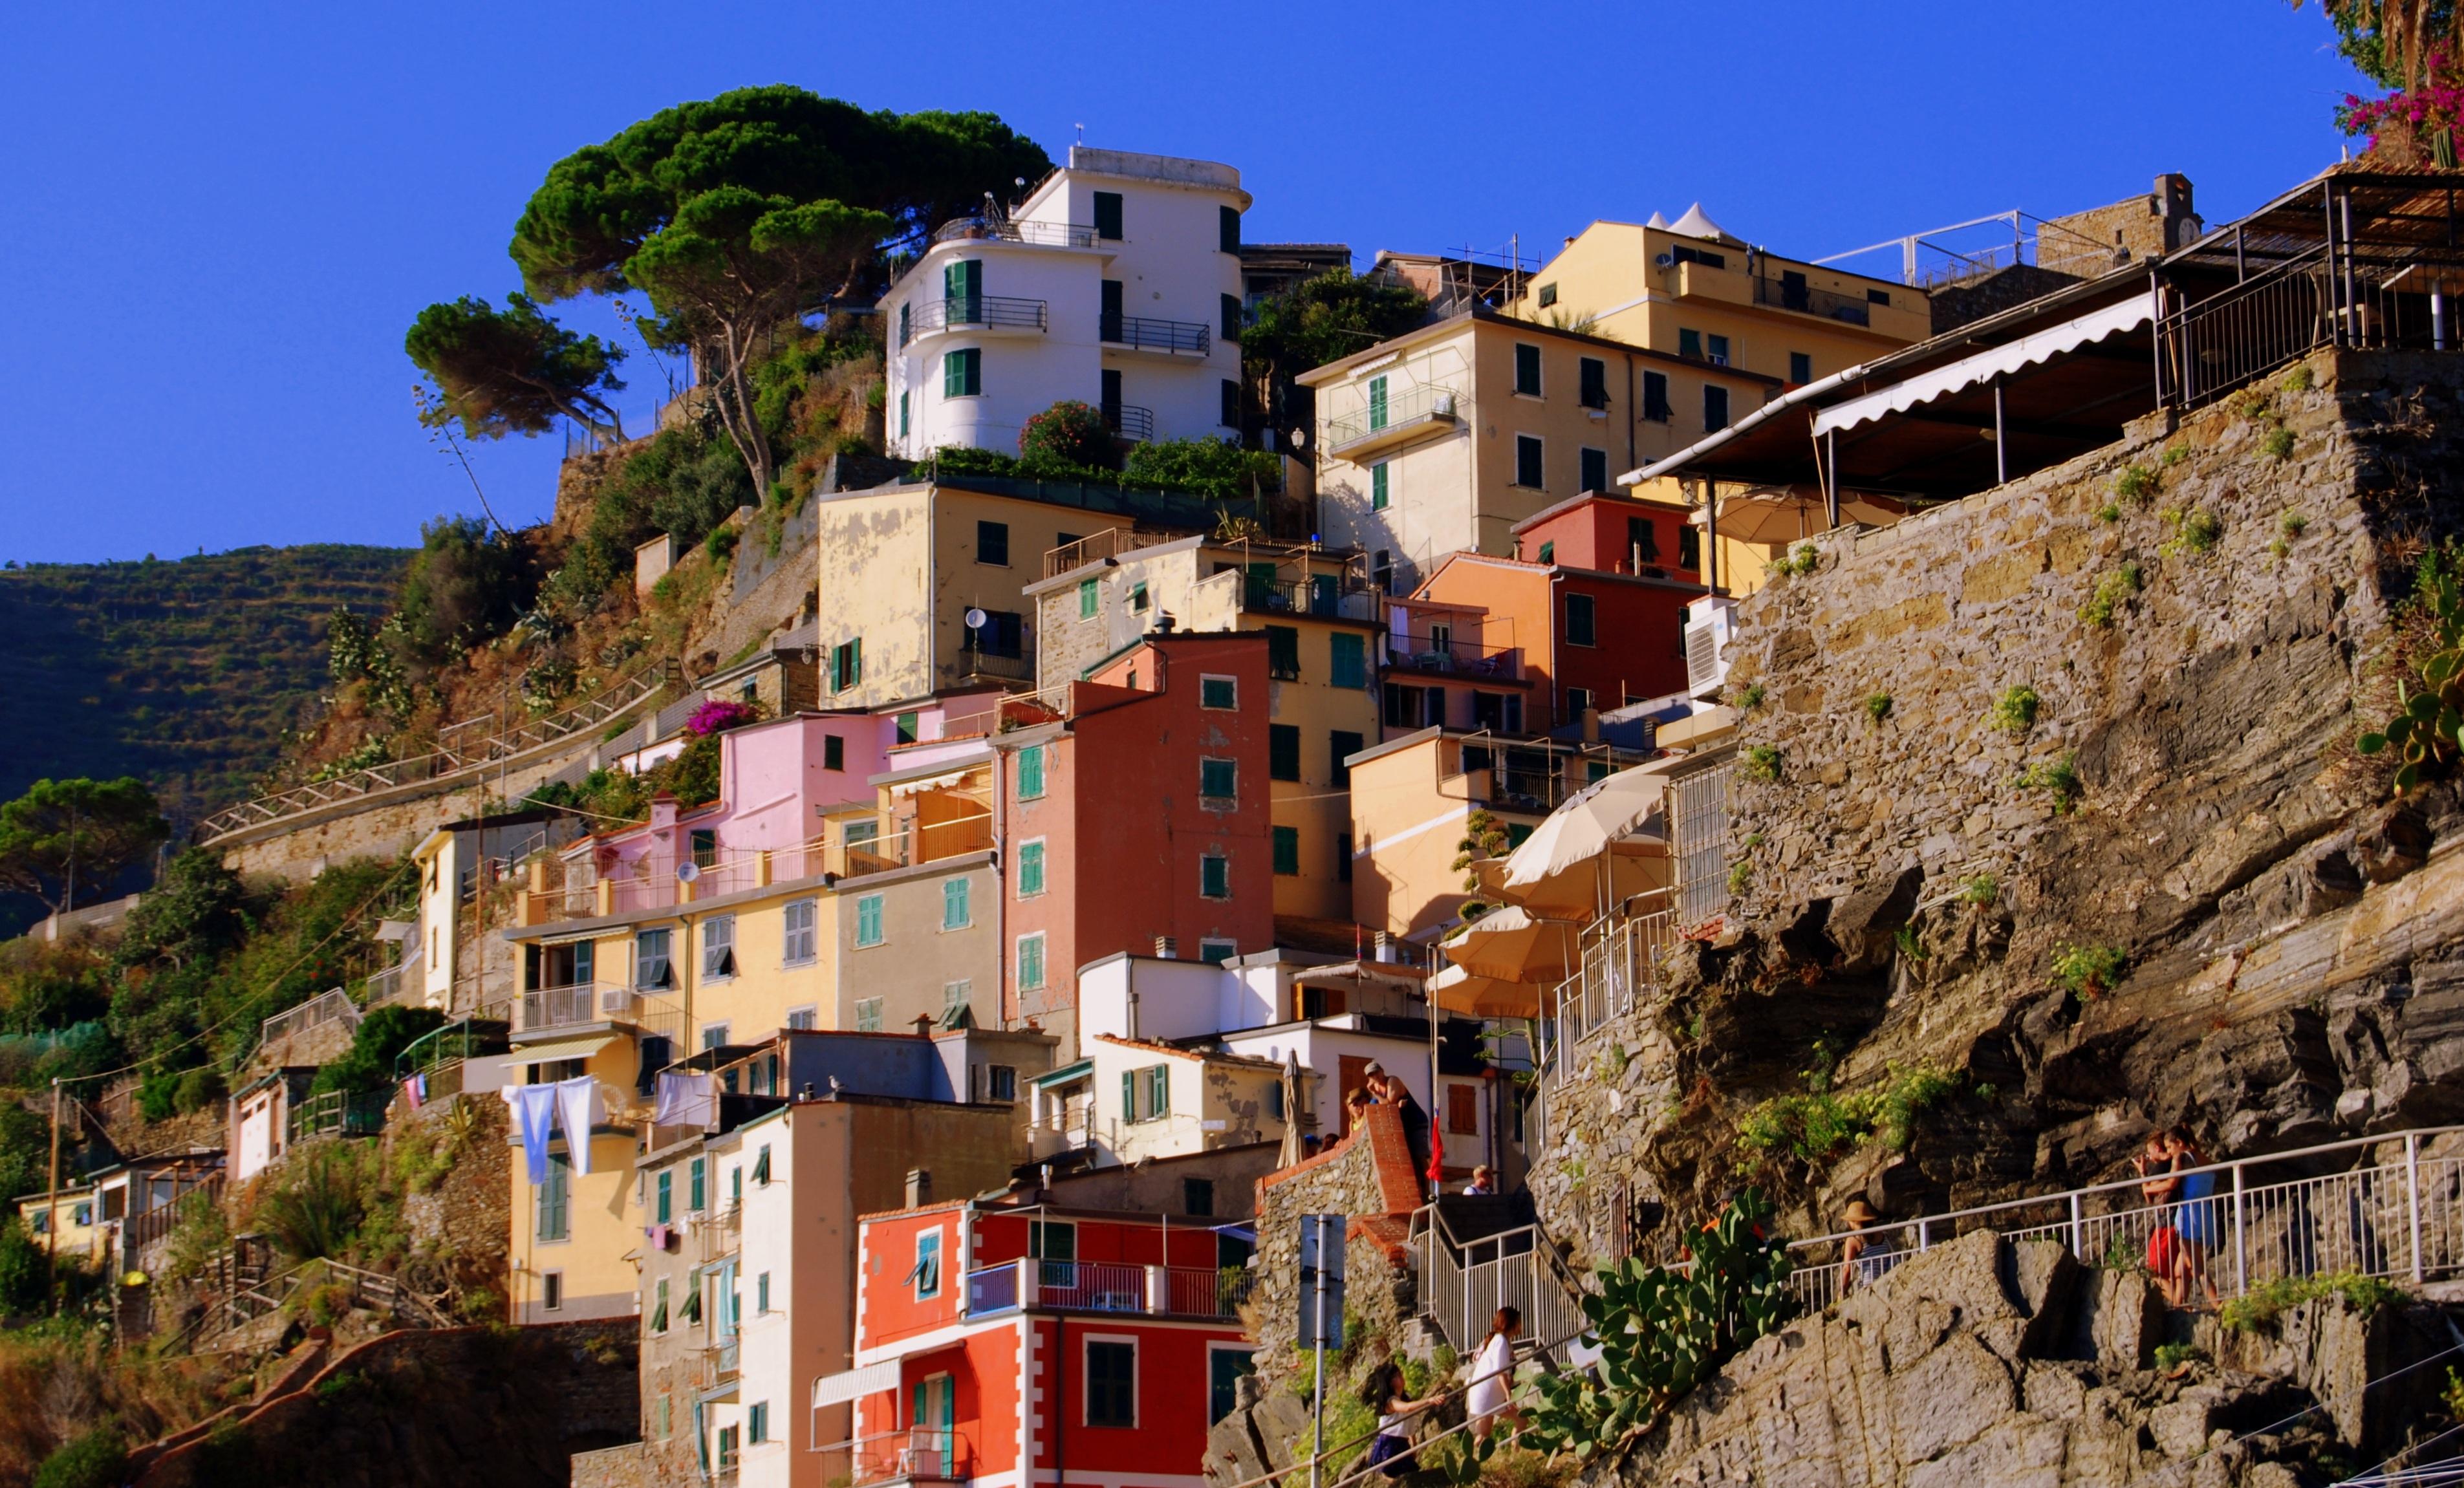 Häuser Italien kostenlose foto meer stadt stadtbild ferien reise dorf